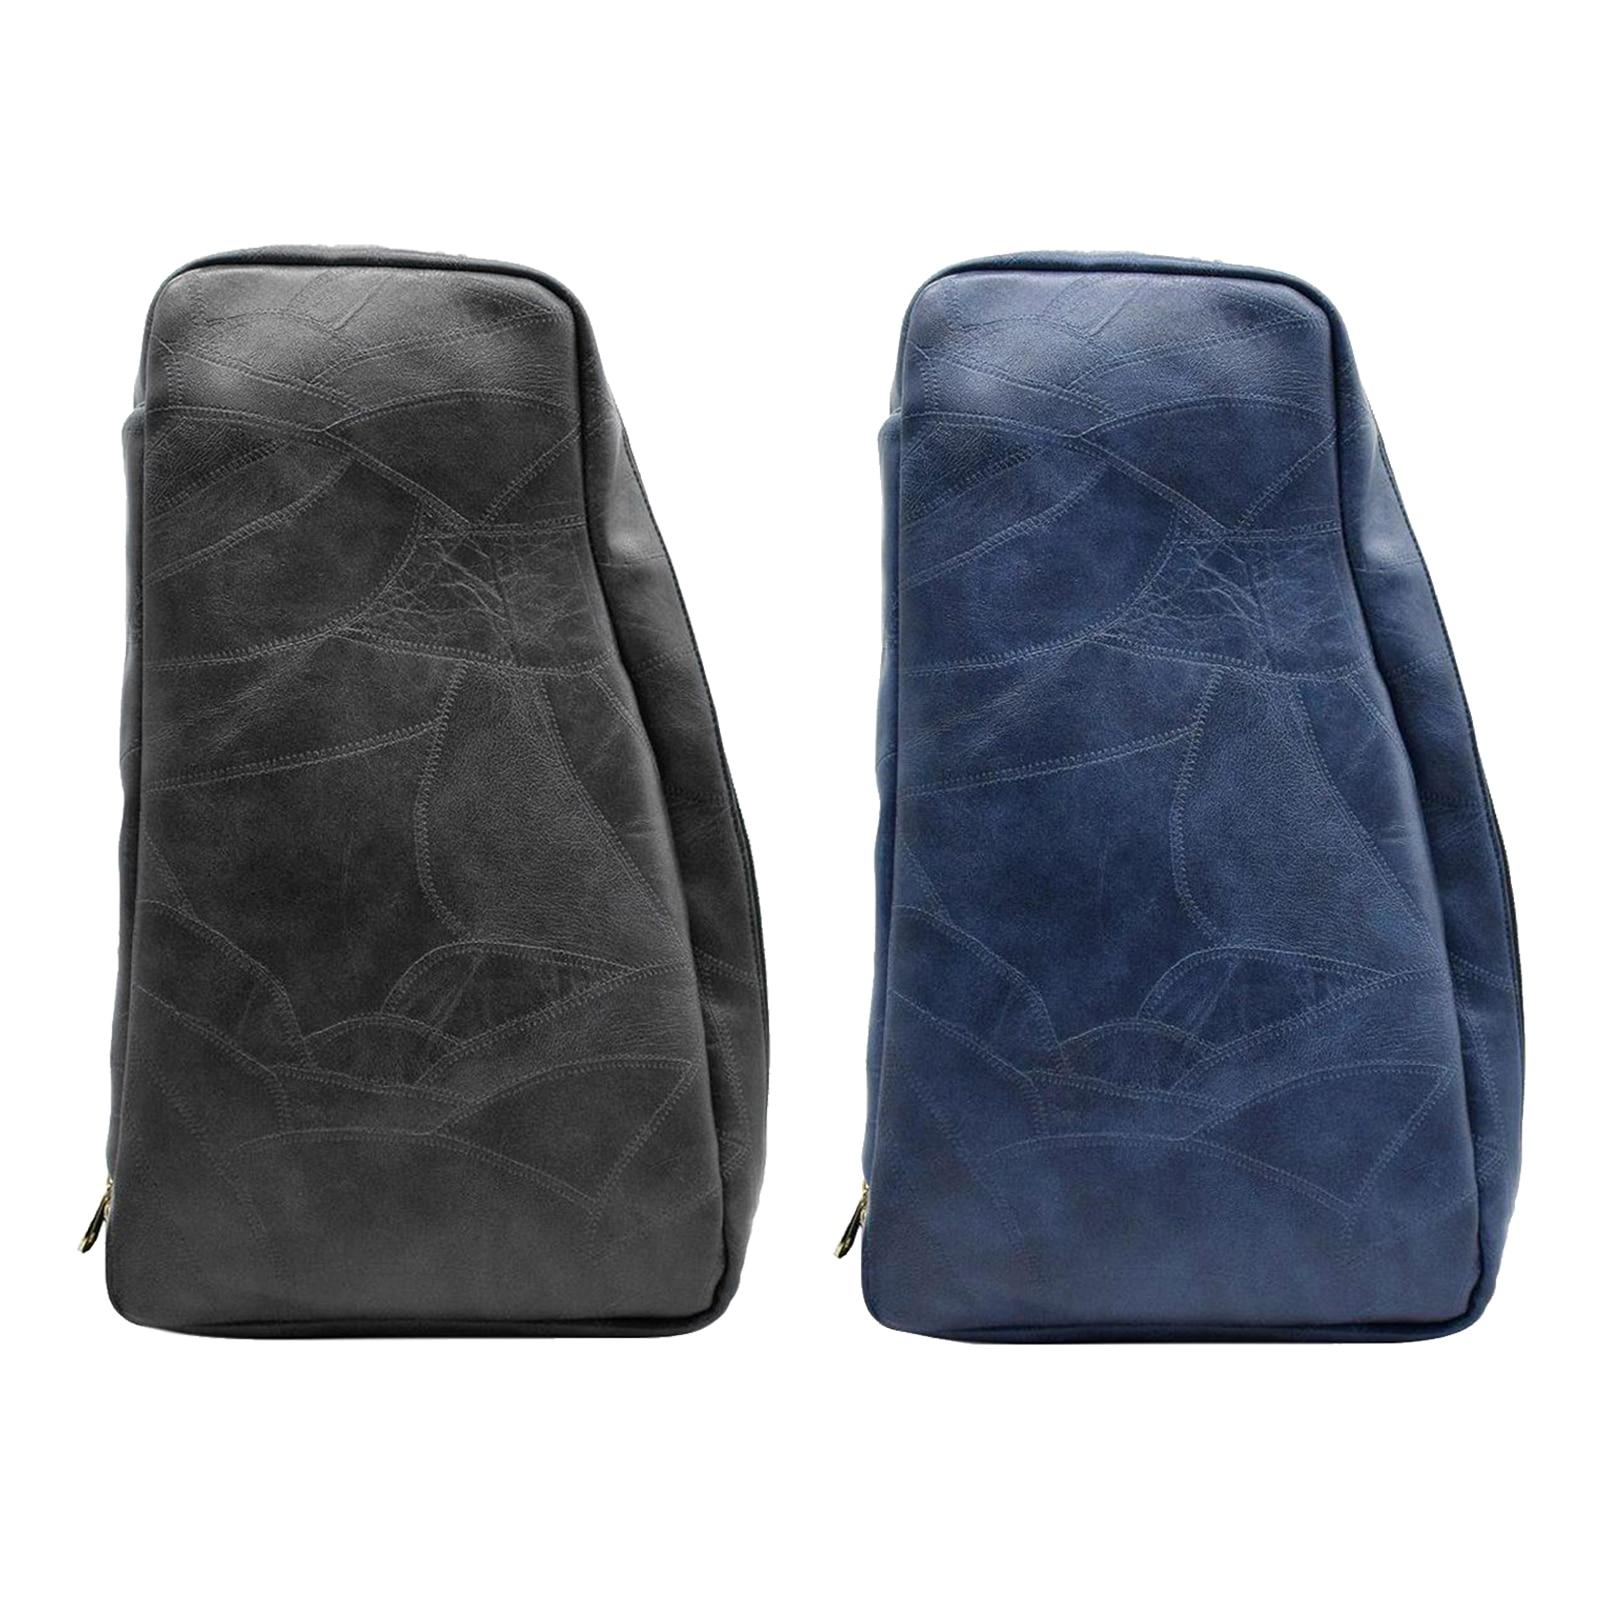 حقيبة كتف أنيقة من الجلد الصناعي ، أدوات صالون ، حقيبة كتف